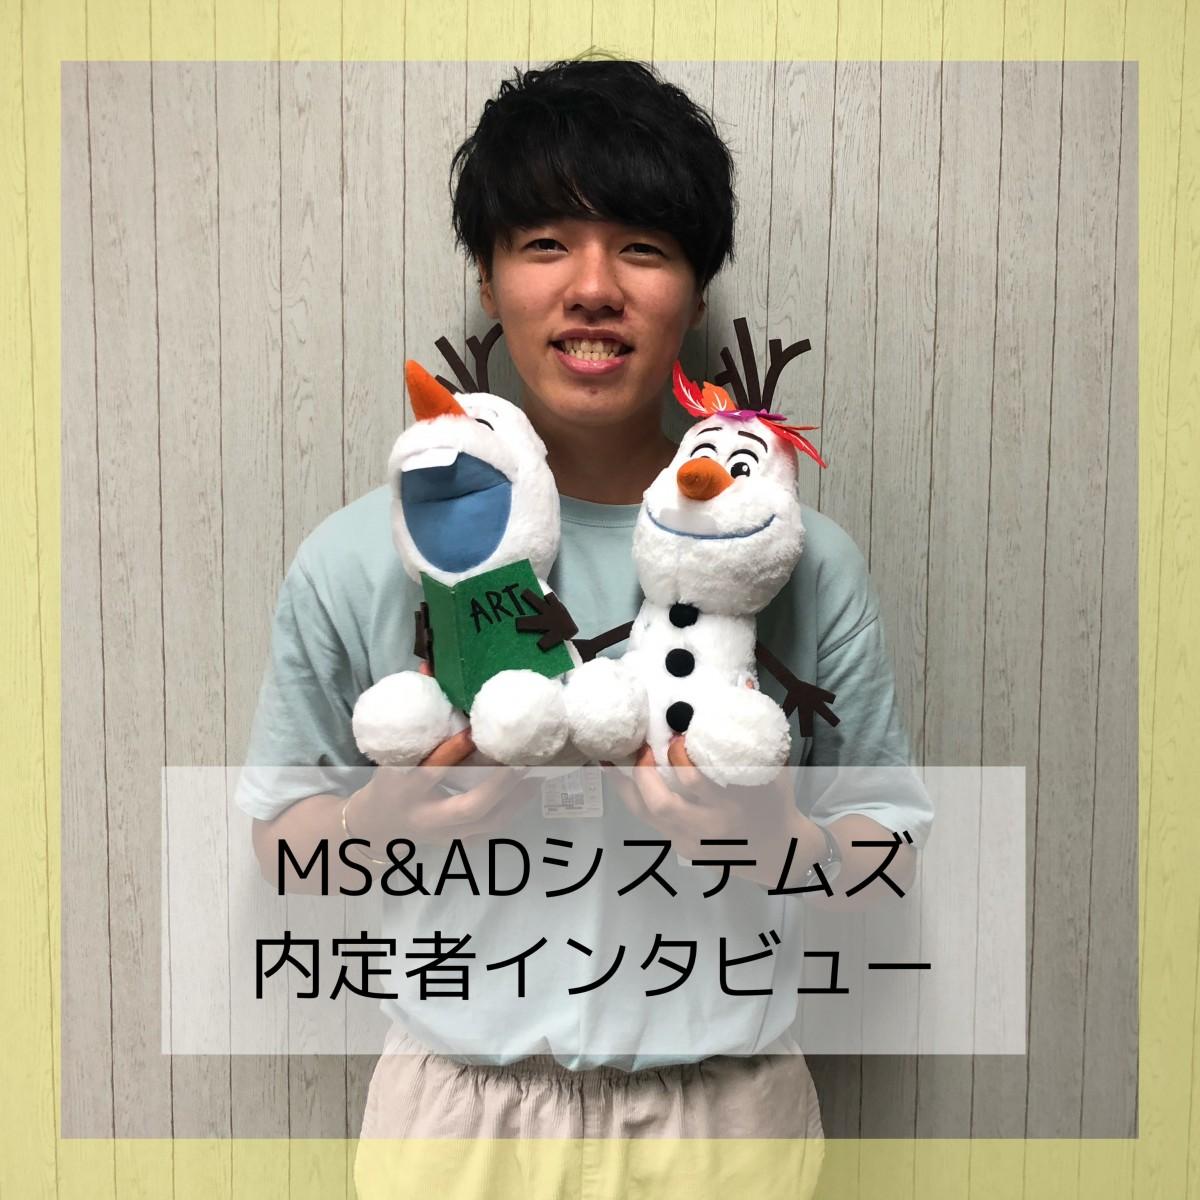 【東京オフィス】21卒のMS&ADシステムズ内定者にインタビューしました!